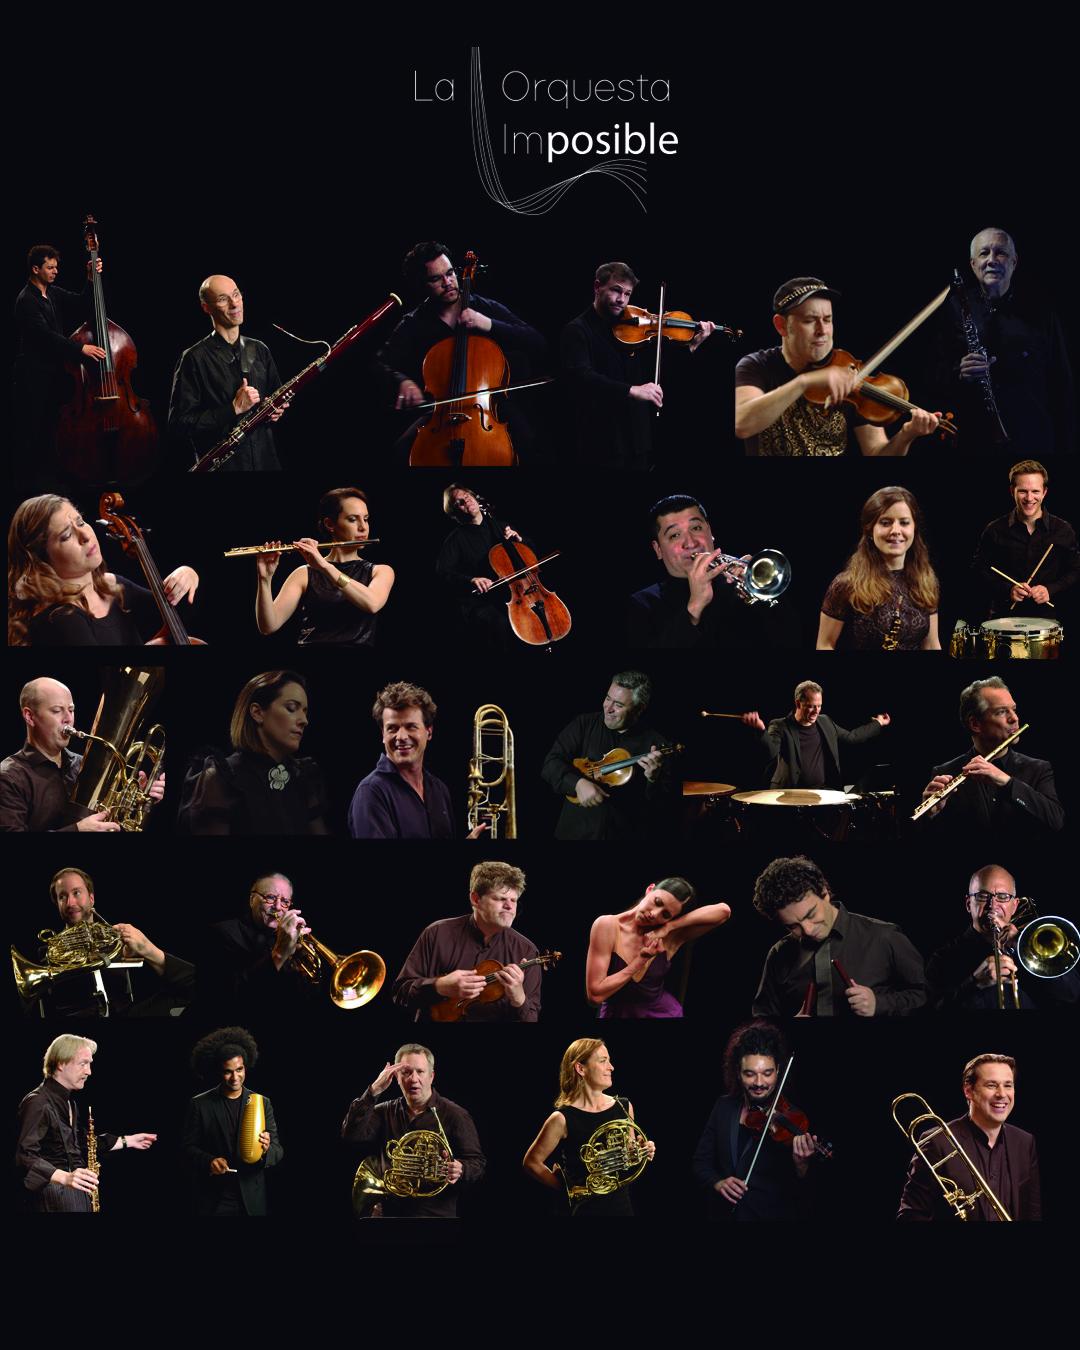 Disfruta el evento #LaMúsicaNosMueve de La Orquesta Imposible y Alondra de la Parra